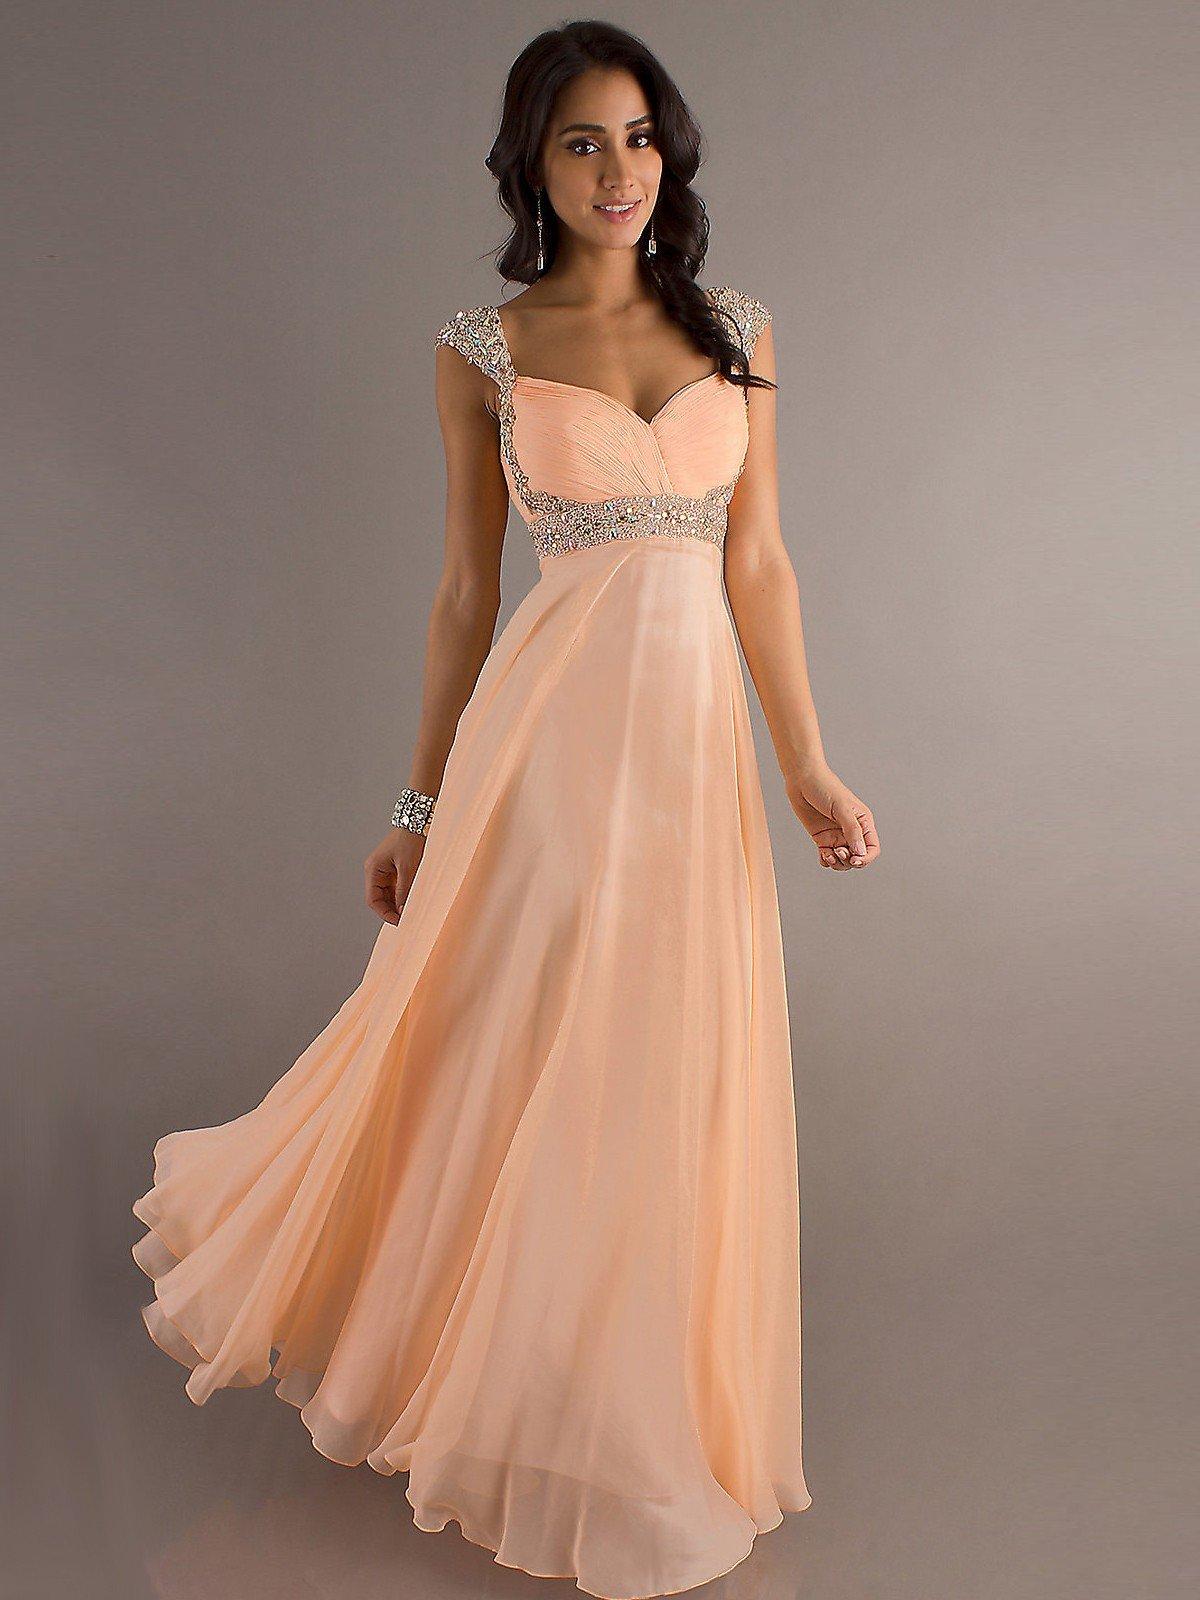 красивые вечерние платья фото на свадьбу задыхается тонн